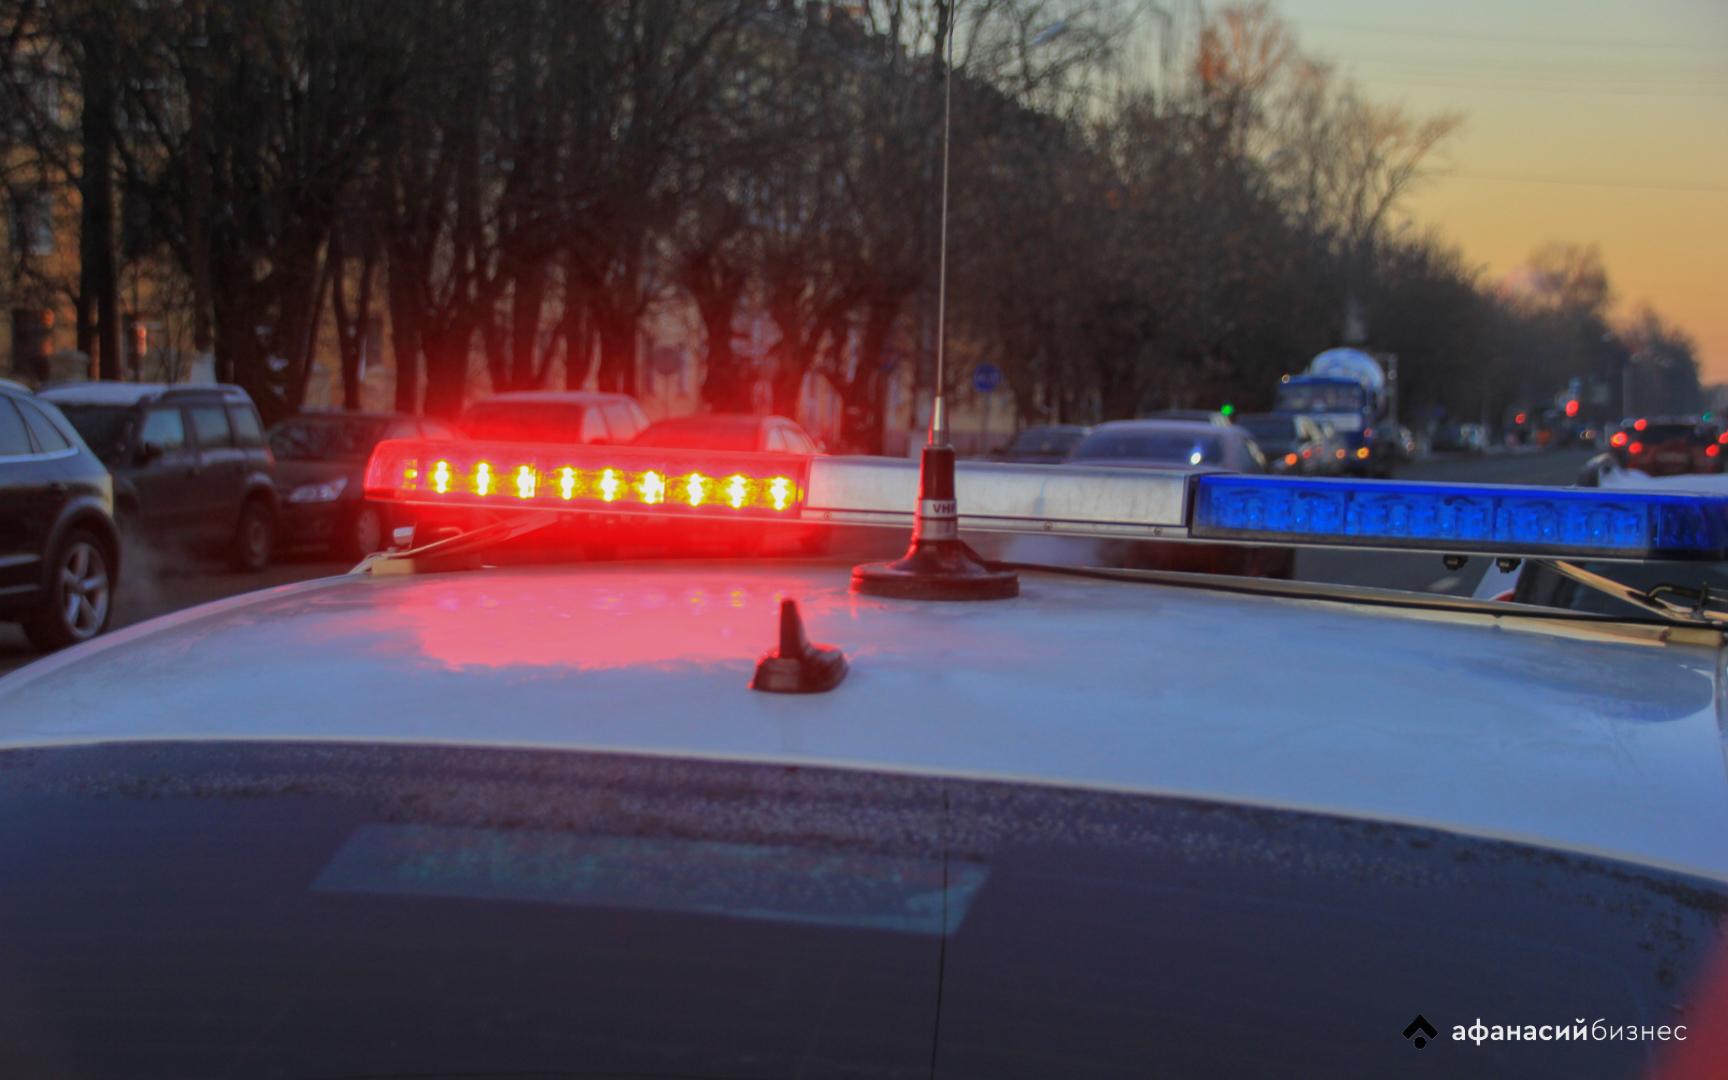 В Тверской области будут судить угонщика, попавшегося на пьянстве за рулем - новости Афанасий